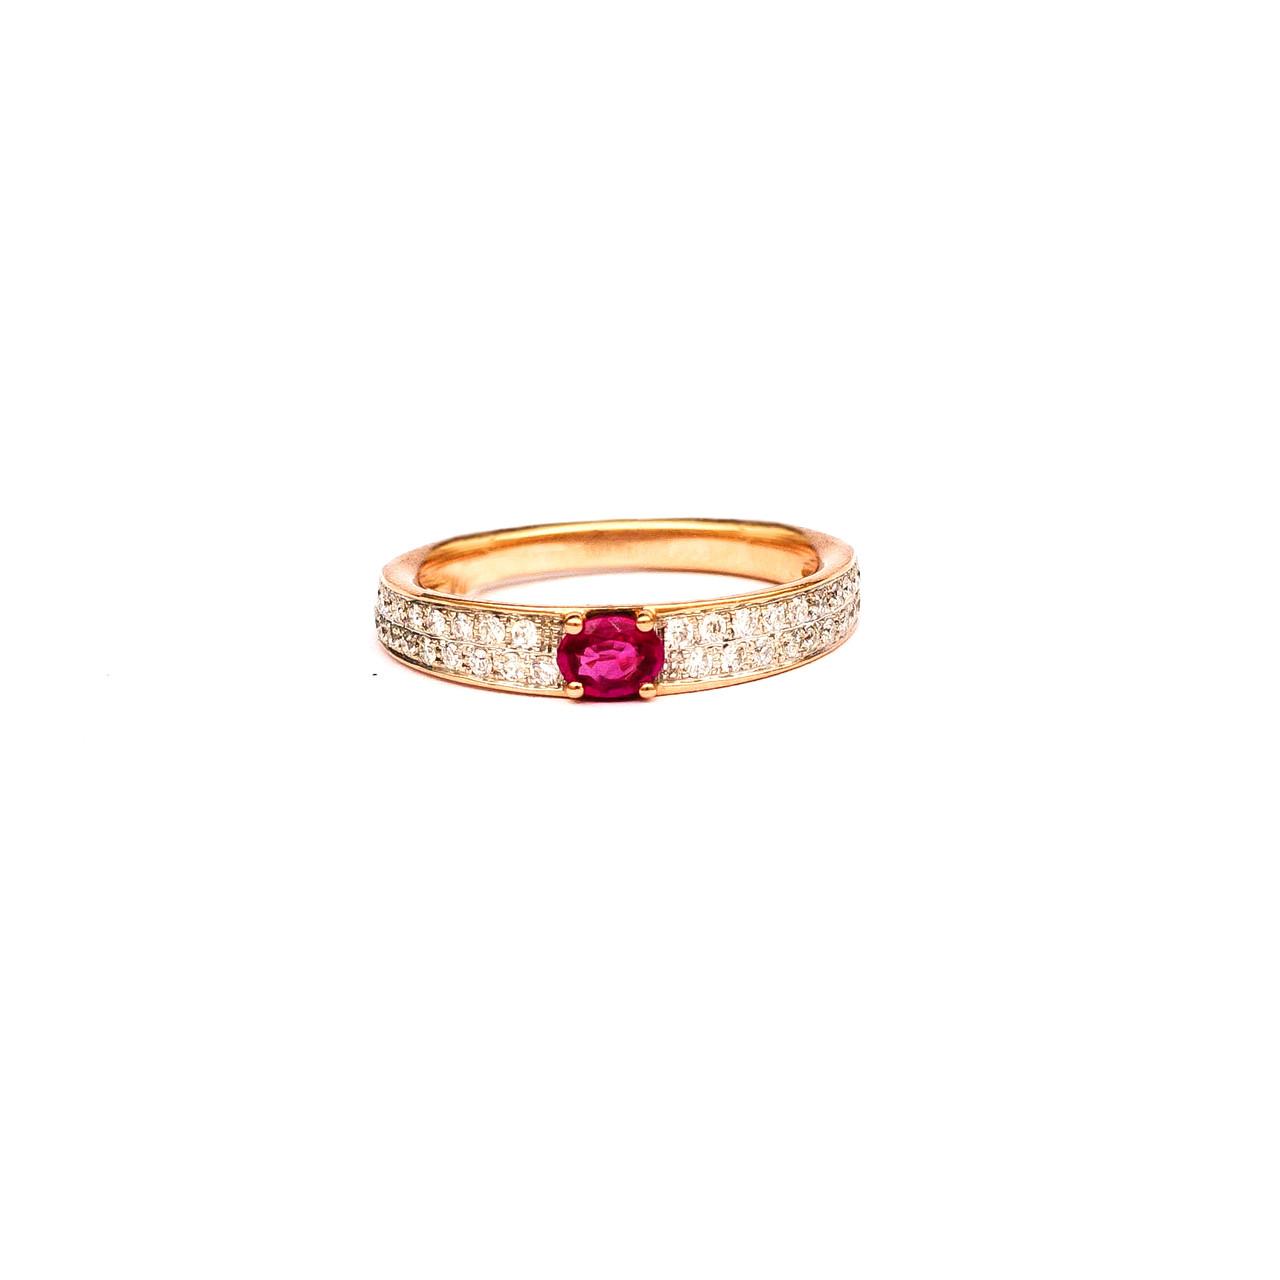 Золотое кольцо с рубином и бриллиантами, р16.5